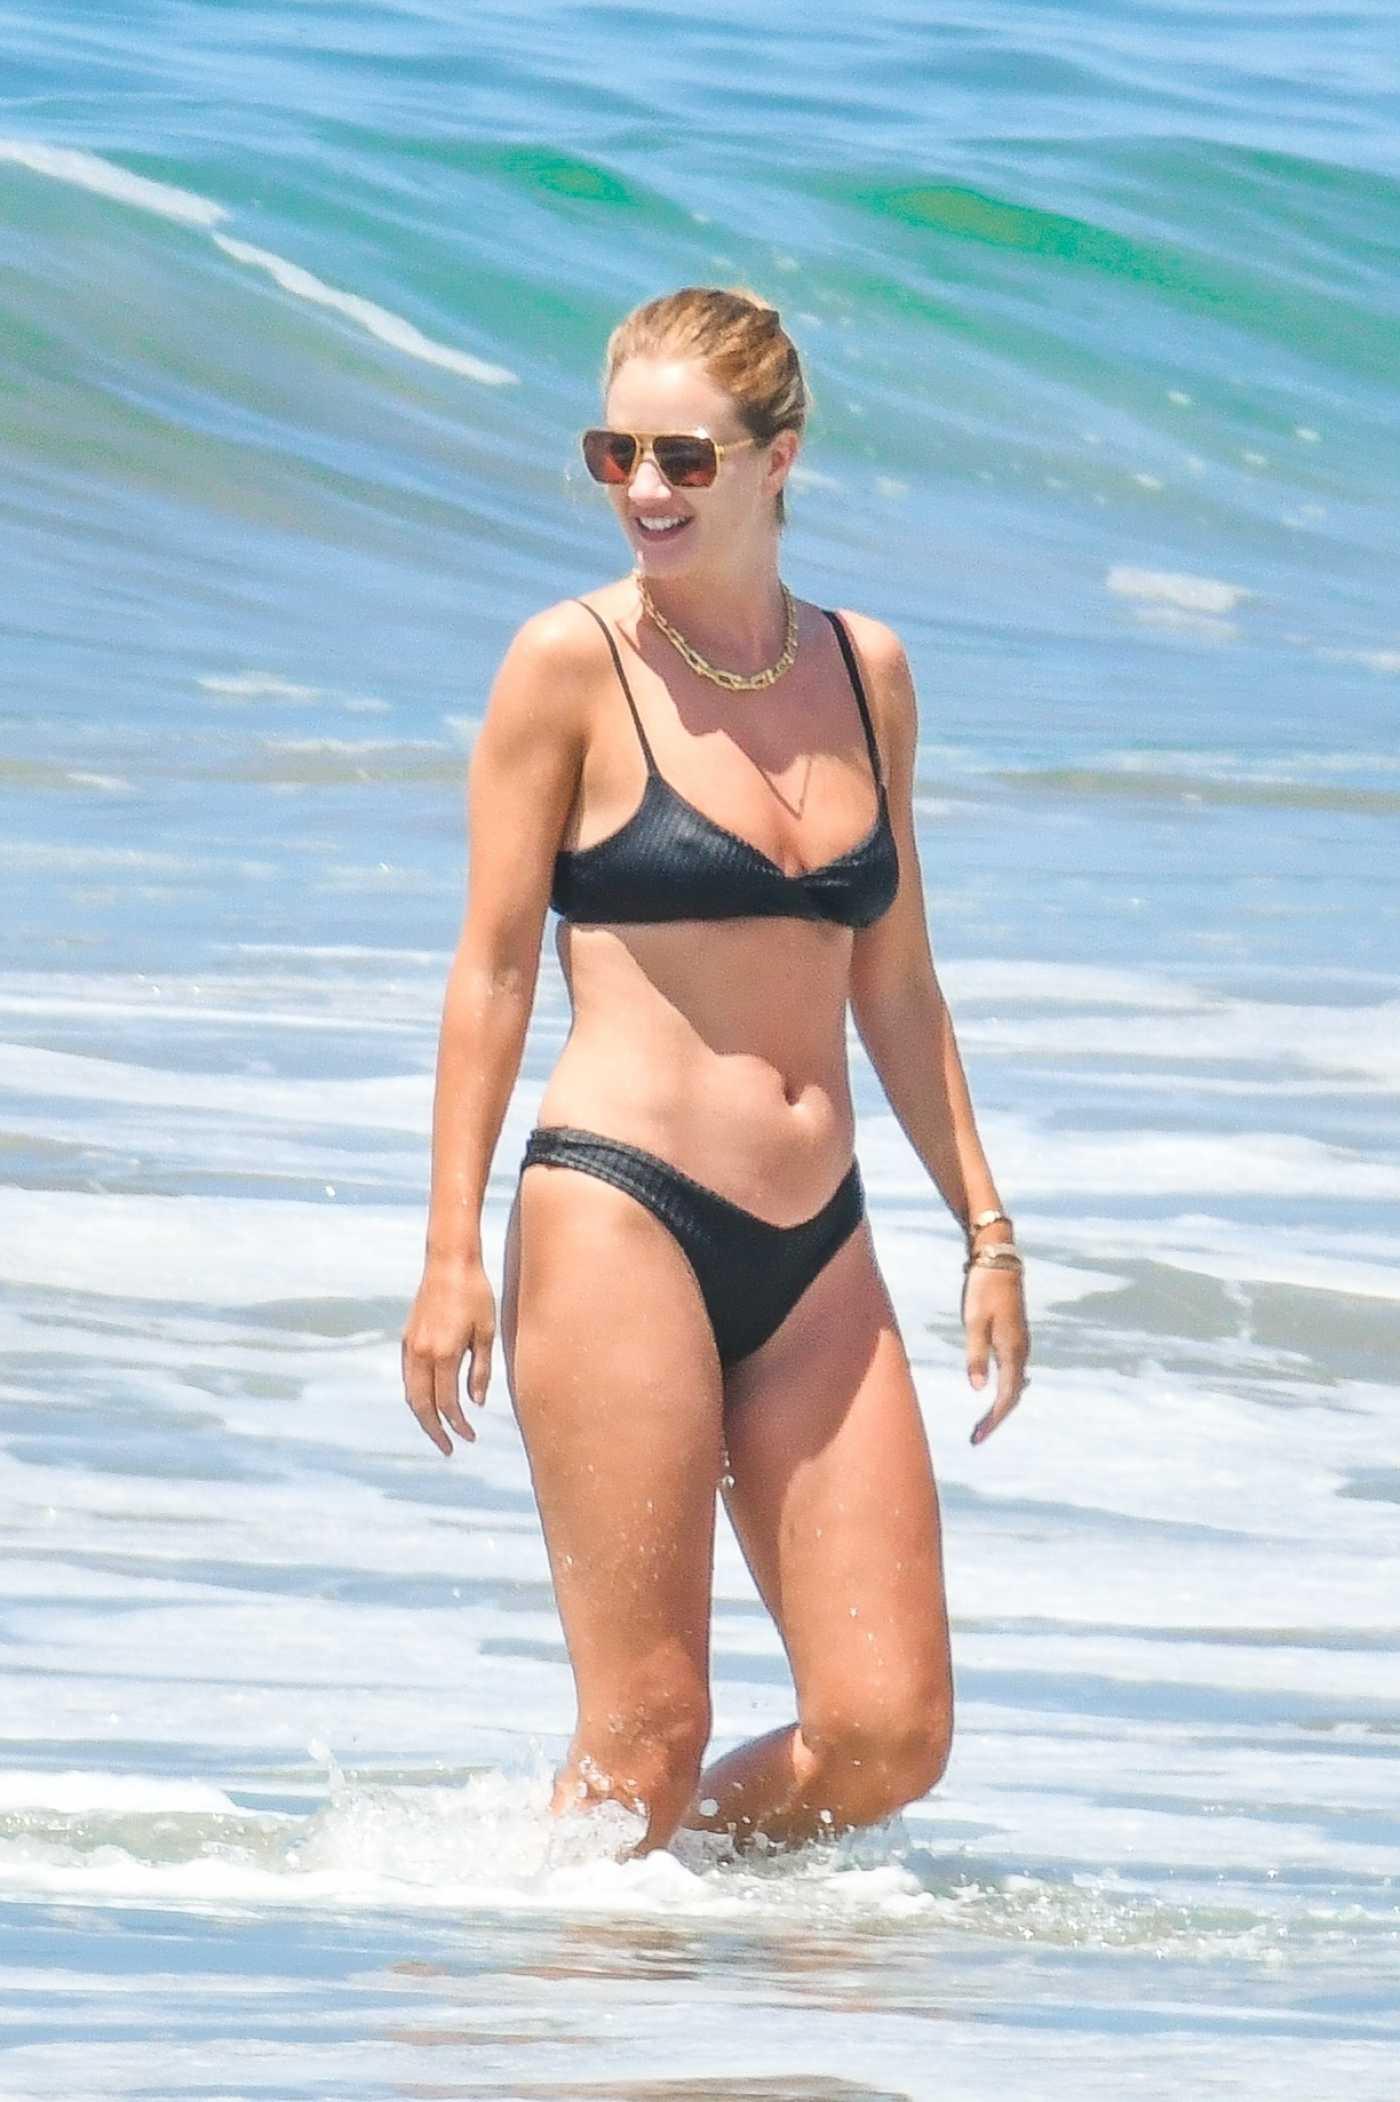 Rosie Huntington-Whiteley in a Black Bikini on the Beach in Malibu 06/14/2020